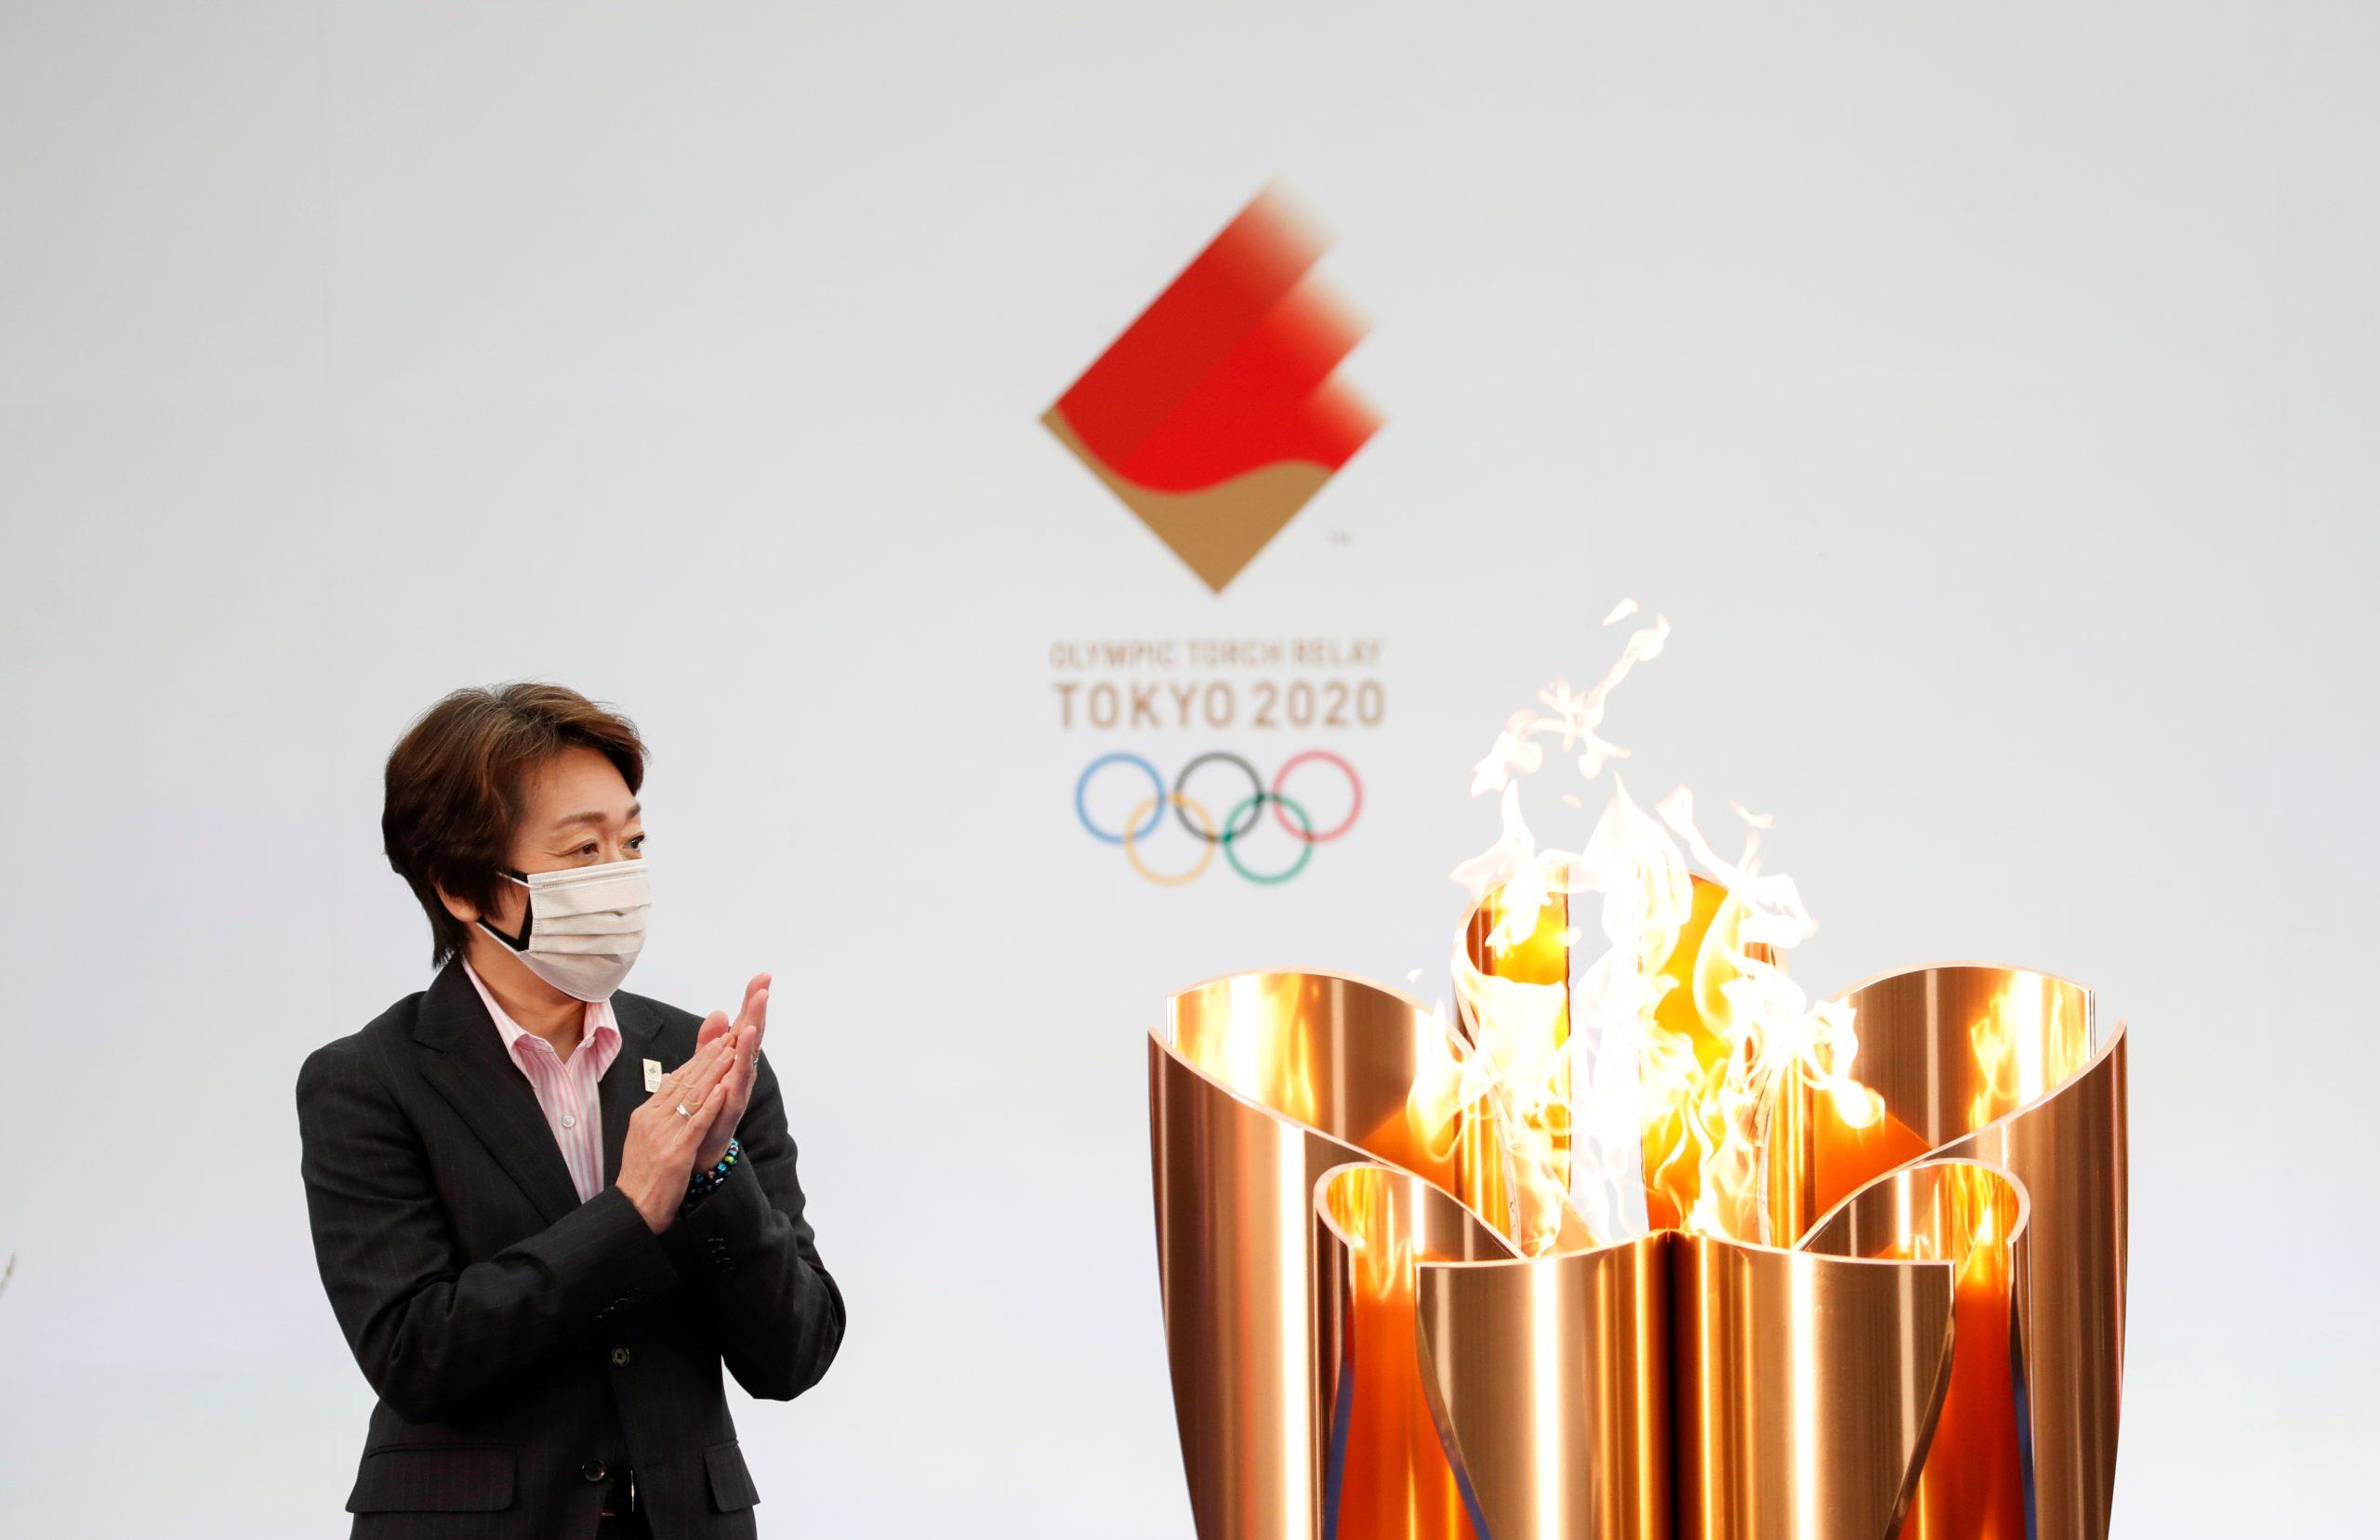 Olympics 2020 Quarterfinals Fixtures, Dates, Games Schedule